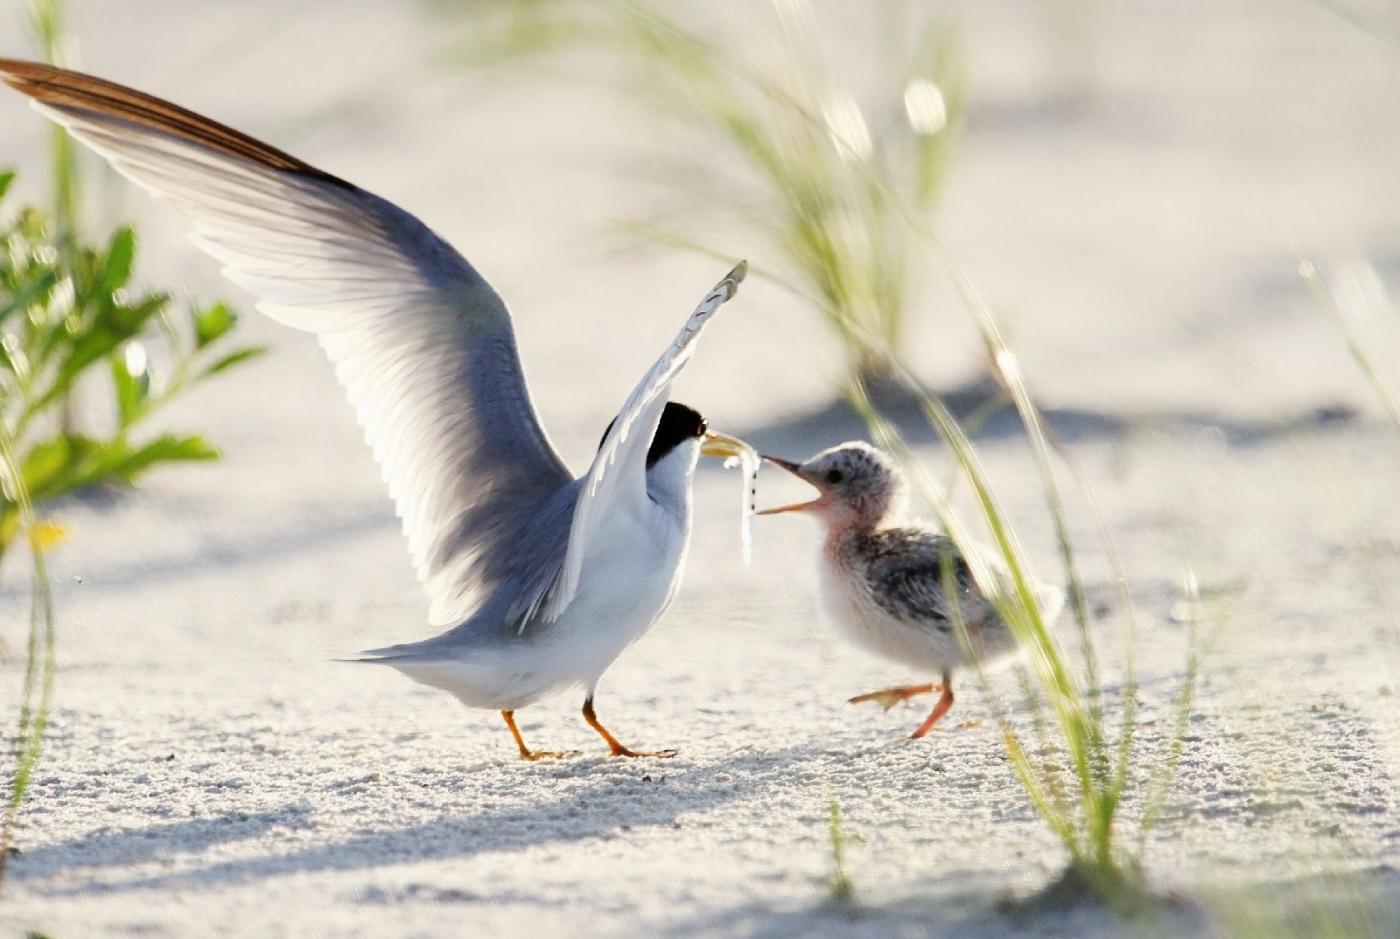 【田螺摄影】黄嘴燕鸥整个出生成长的过程_图1-7